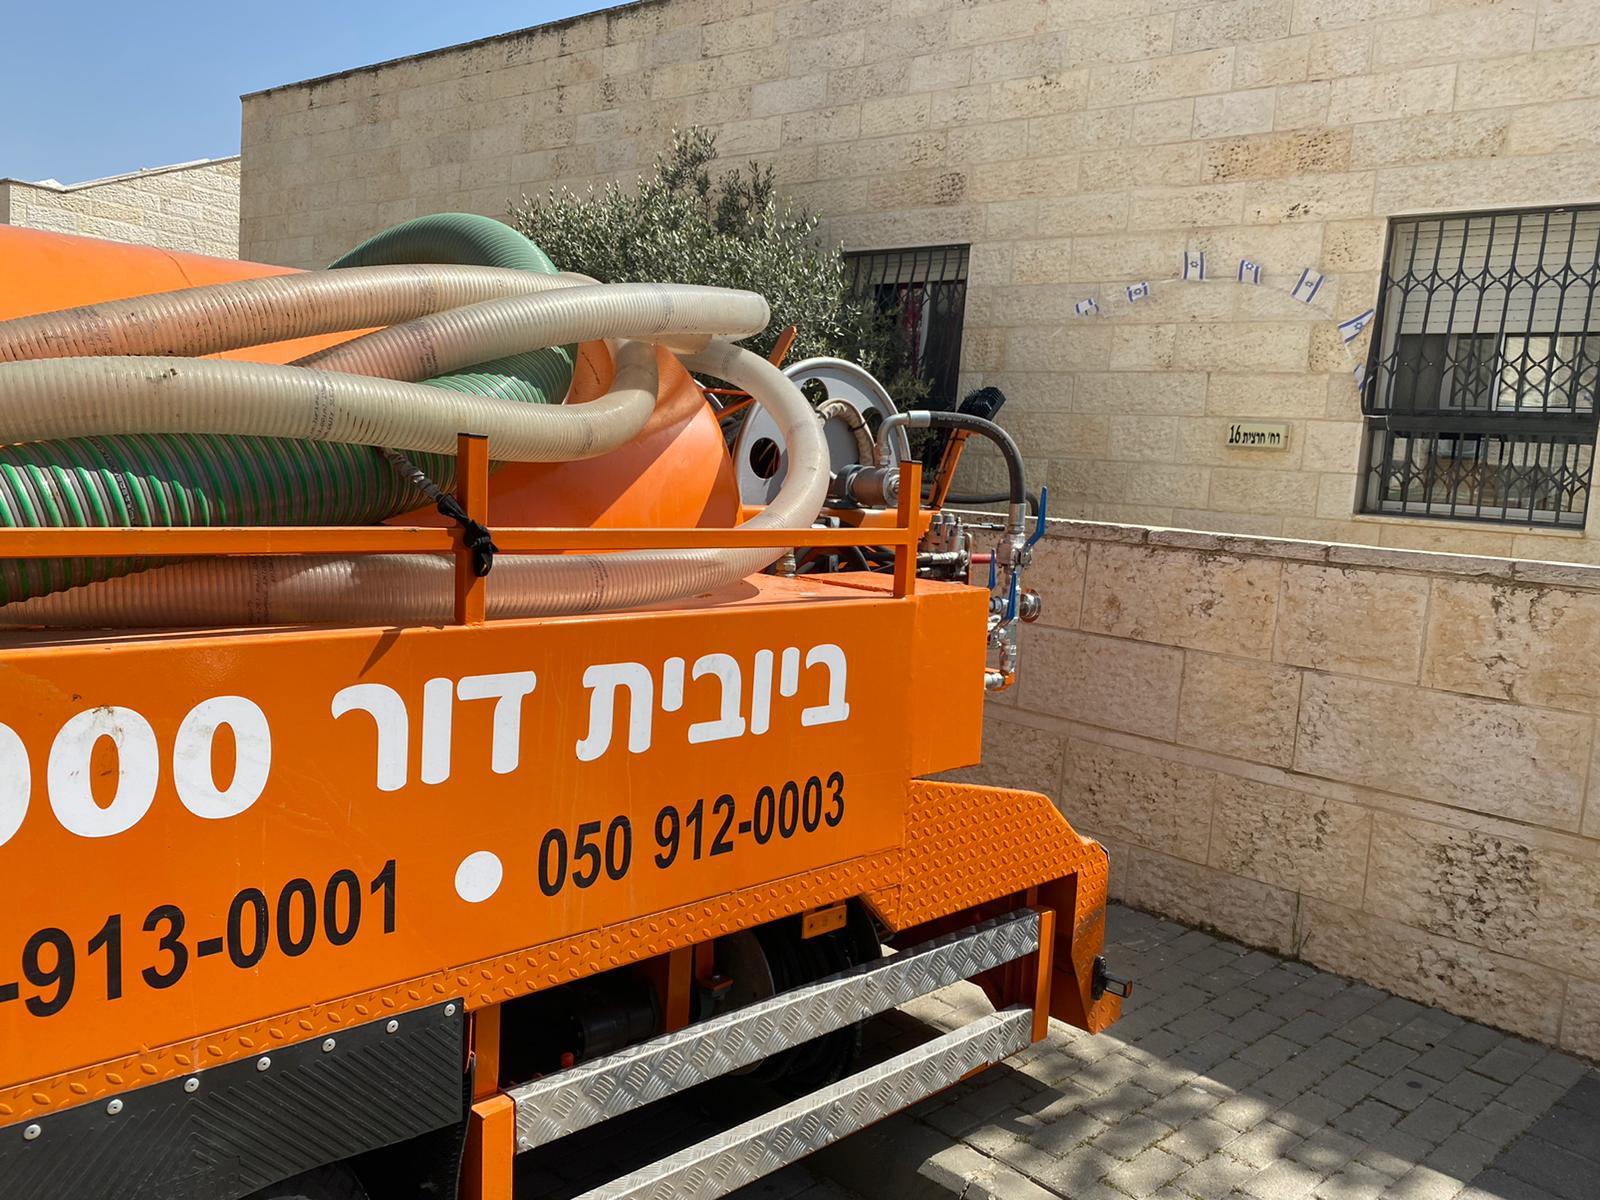 שטיפת קו אצל לקוח פרטי בירושלים למניעת סתימות עתידיות